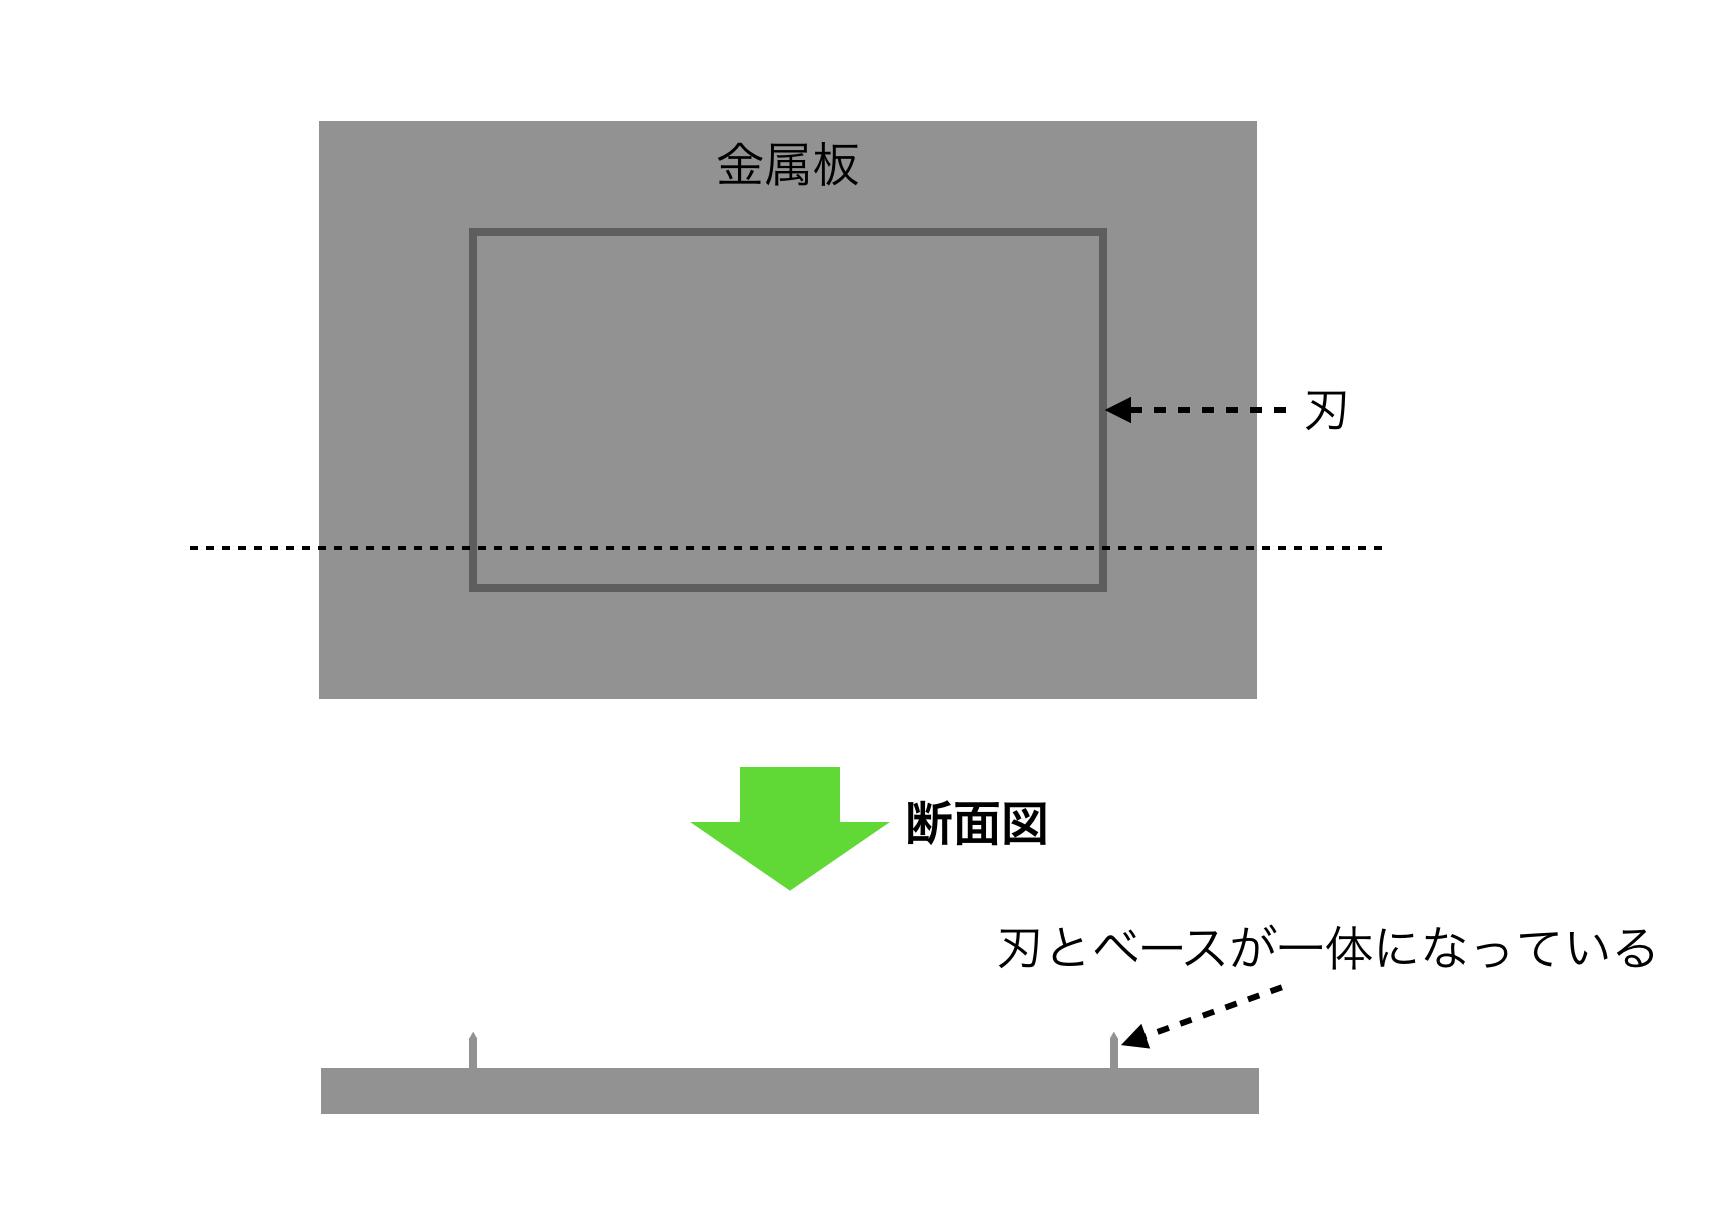 ピナクル刃(ピナクルダイ)